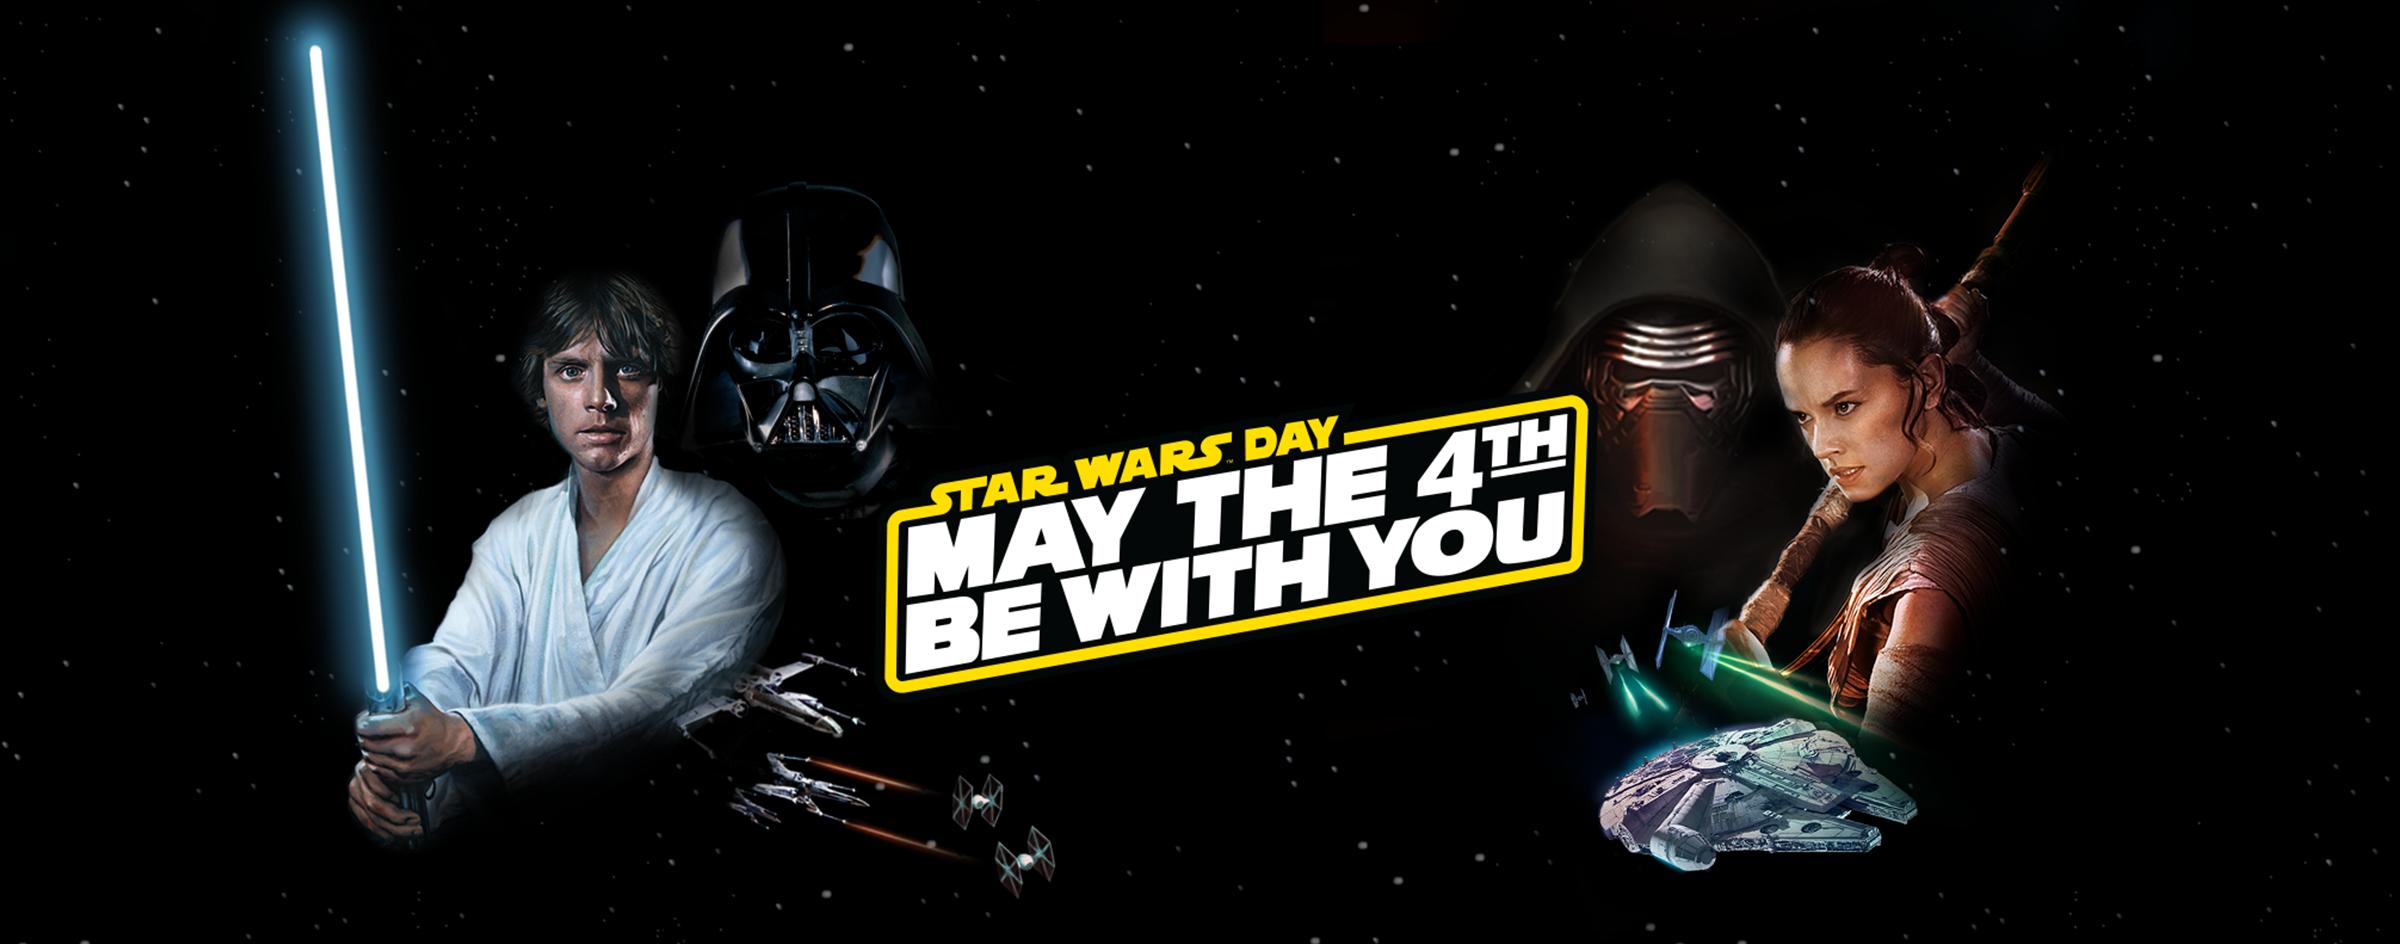 """En el """"Día de Star Wars"""", fans celebran 40° aniversario de la saga"""